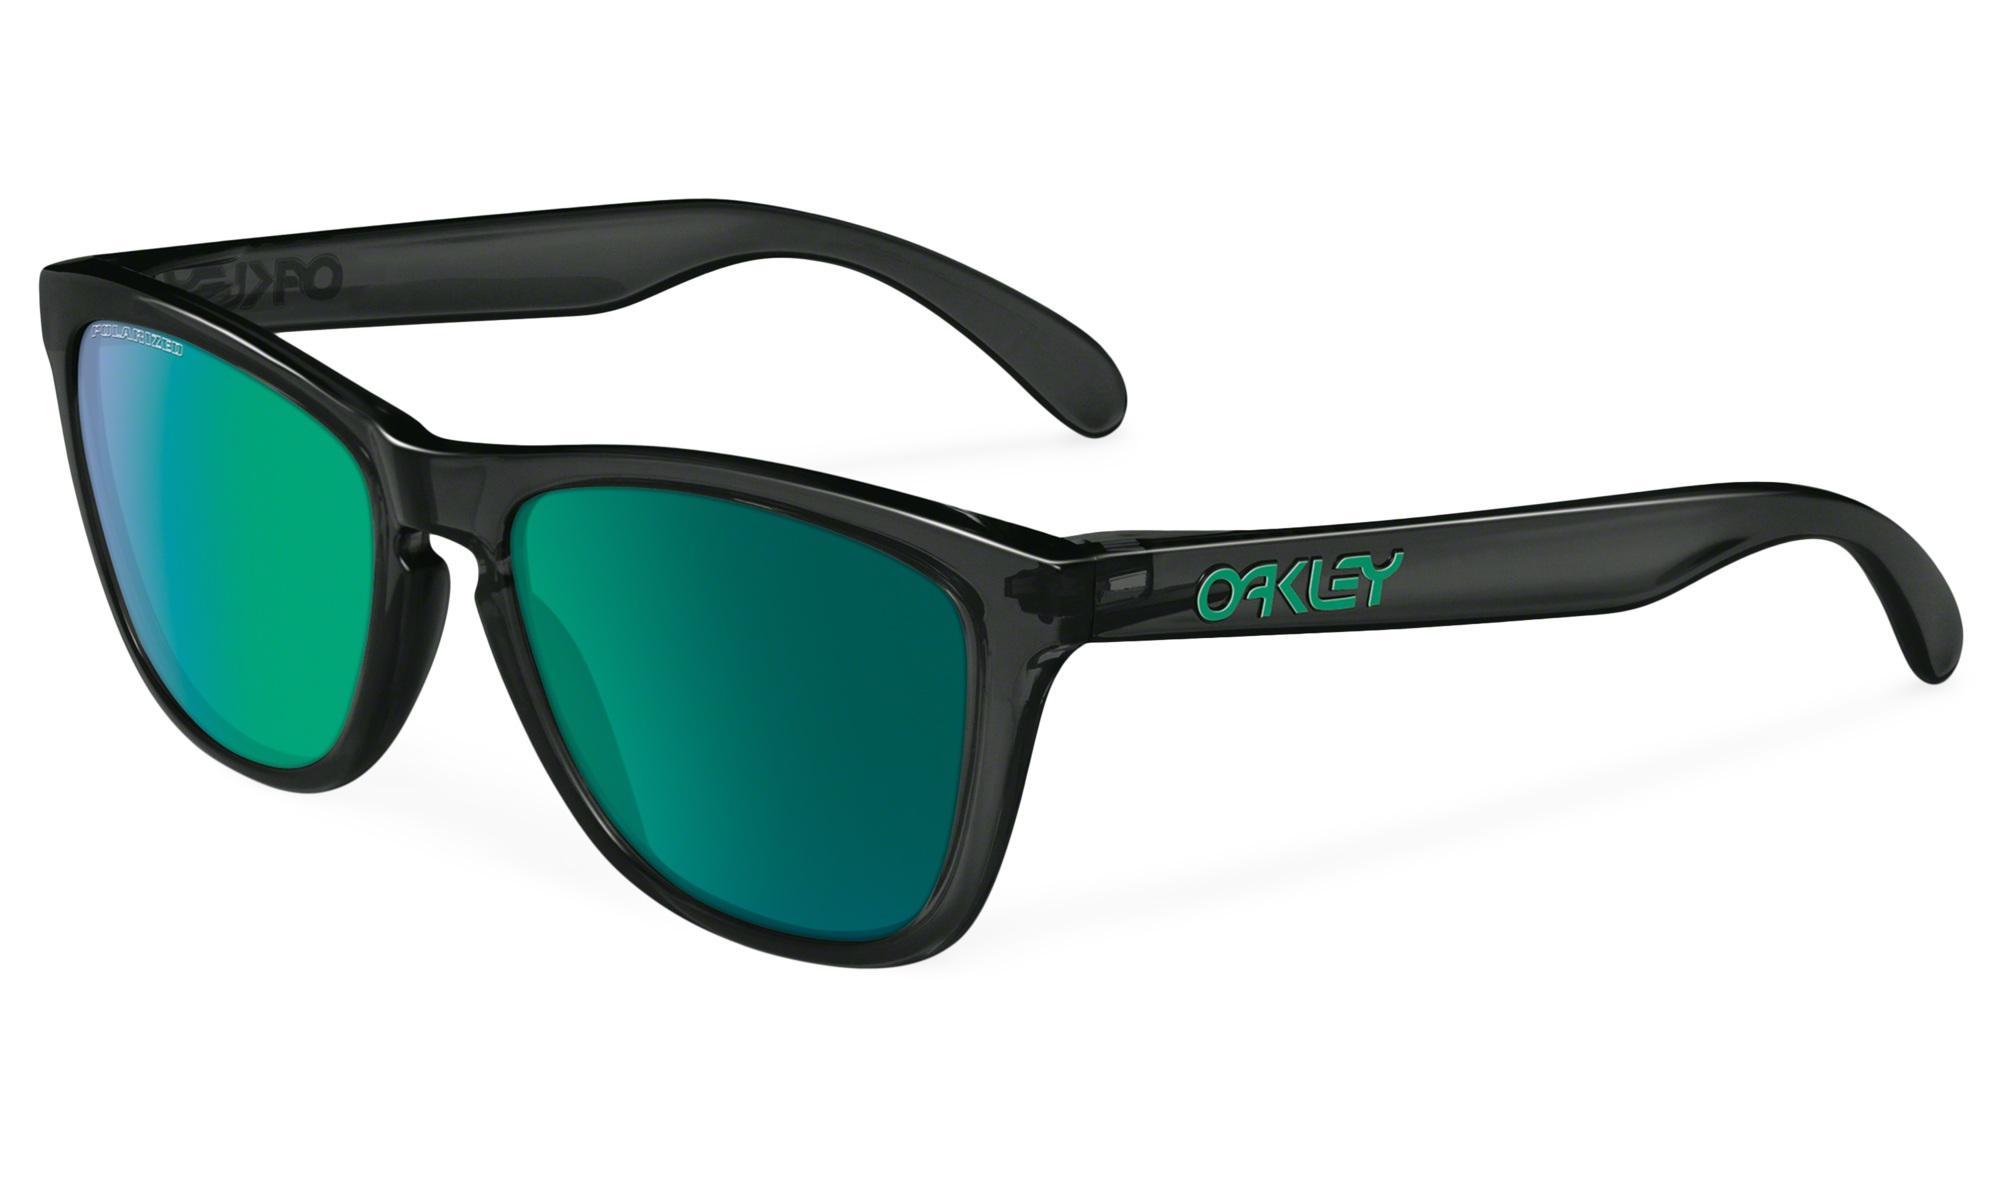 Oakley Frogskins OO9013 9013C4 55-17 xOptz06t